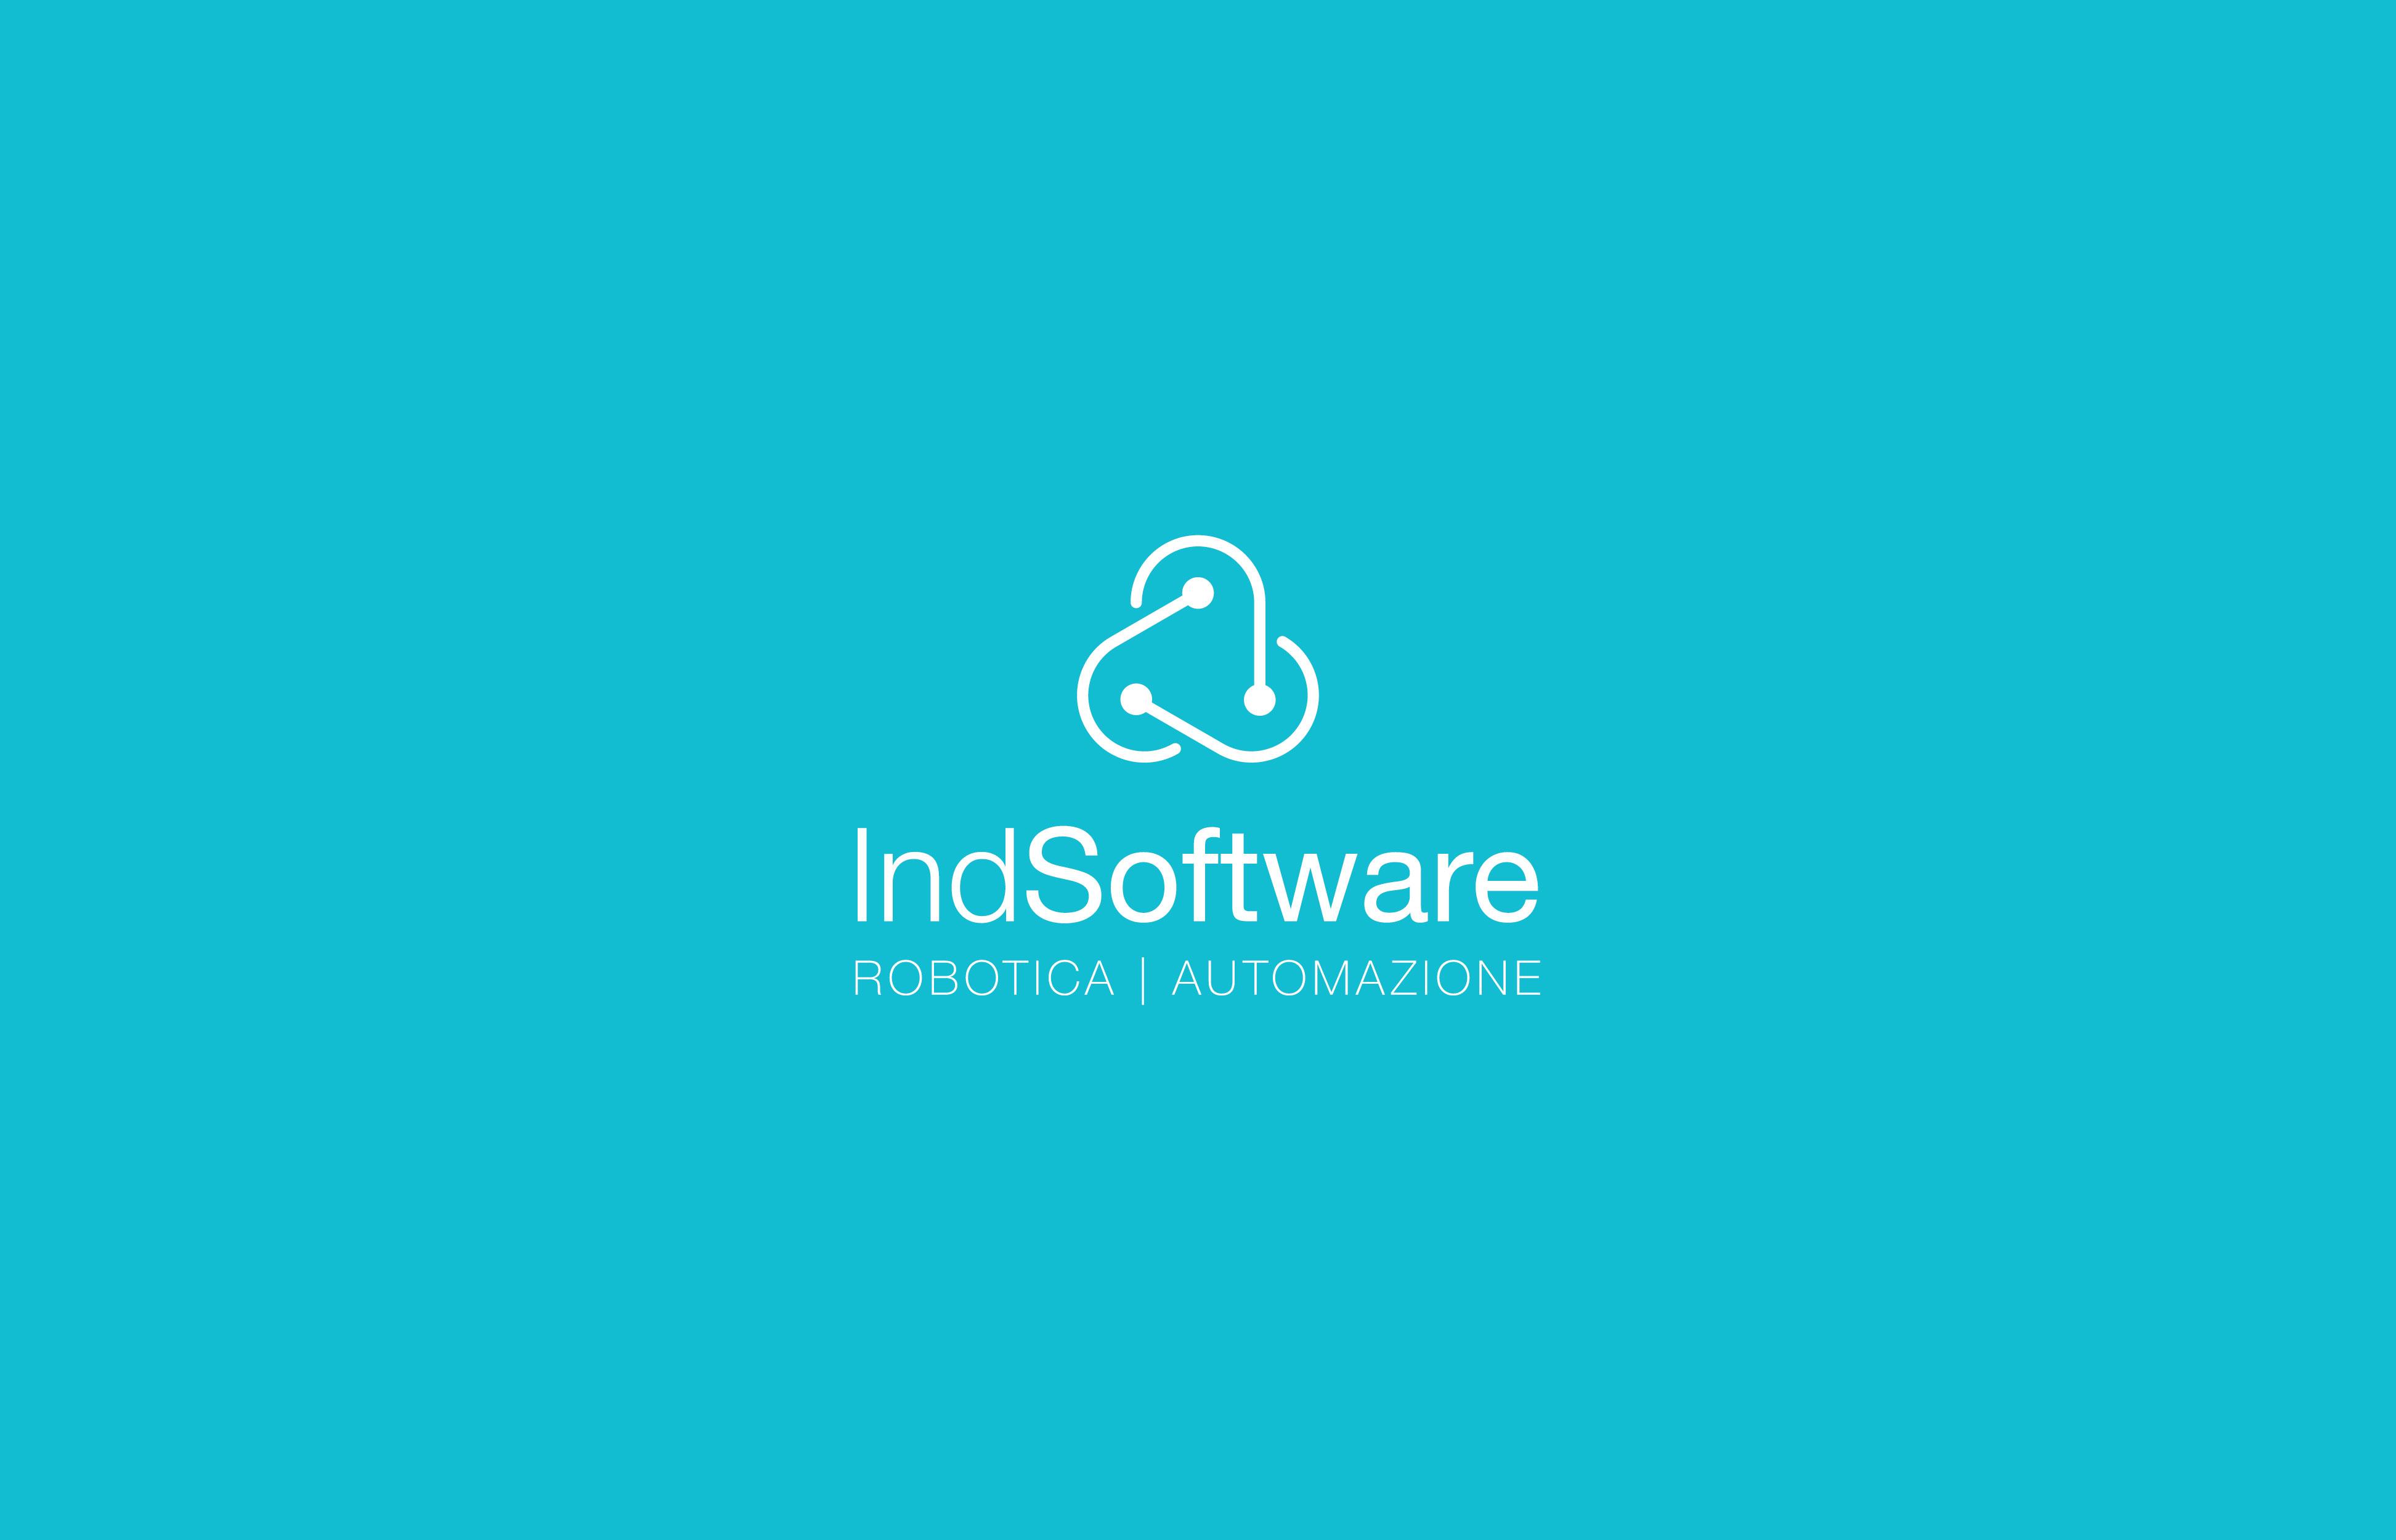 indsoftware-02